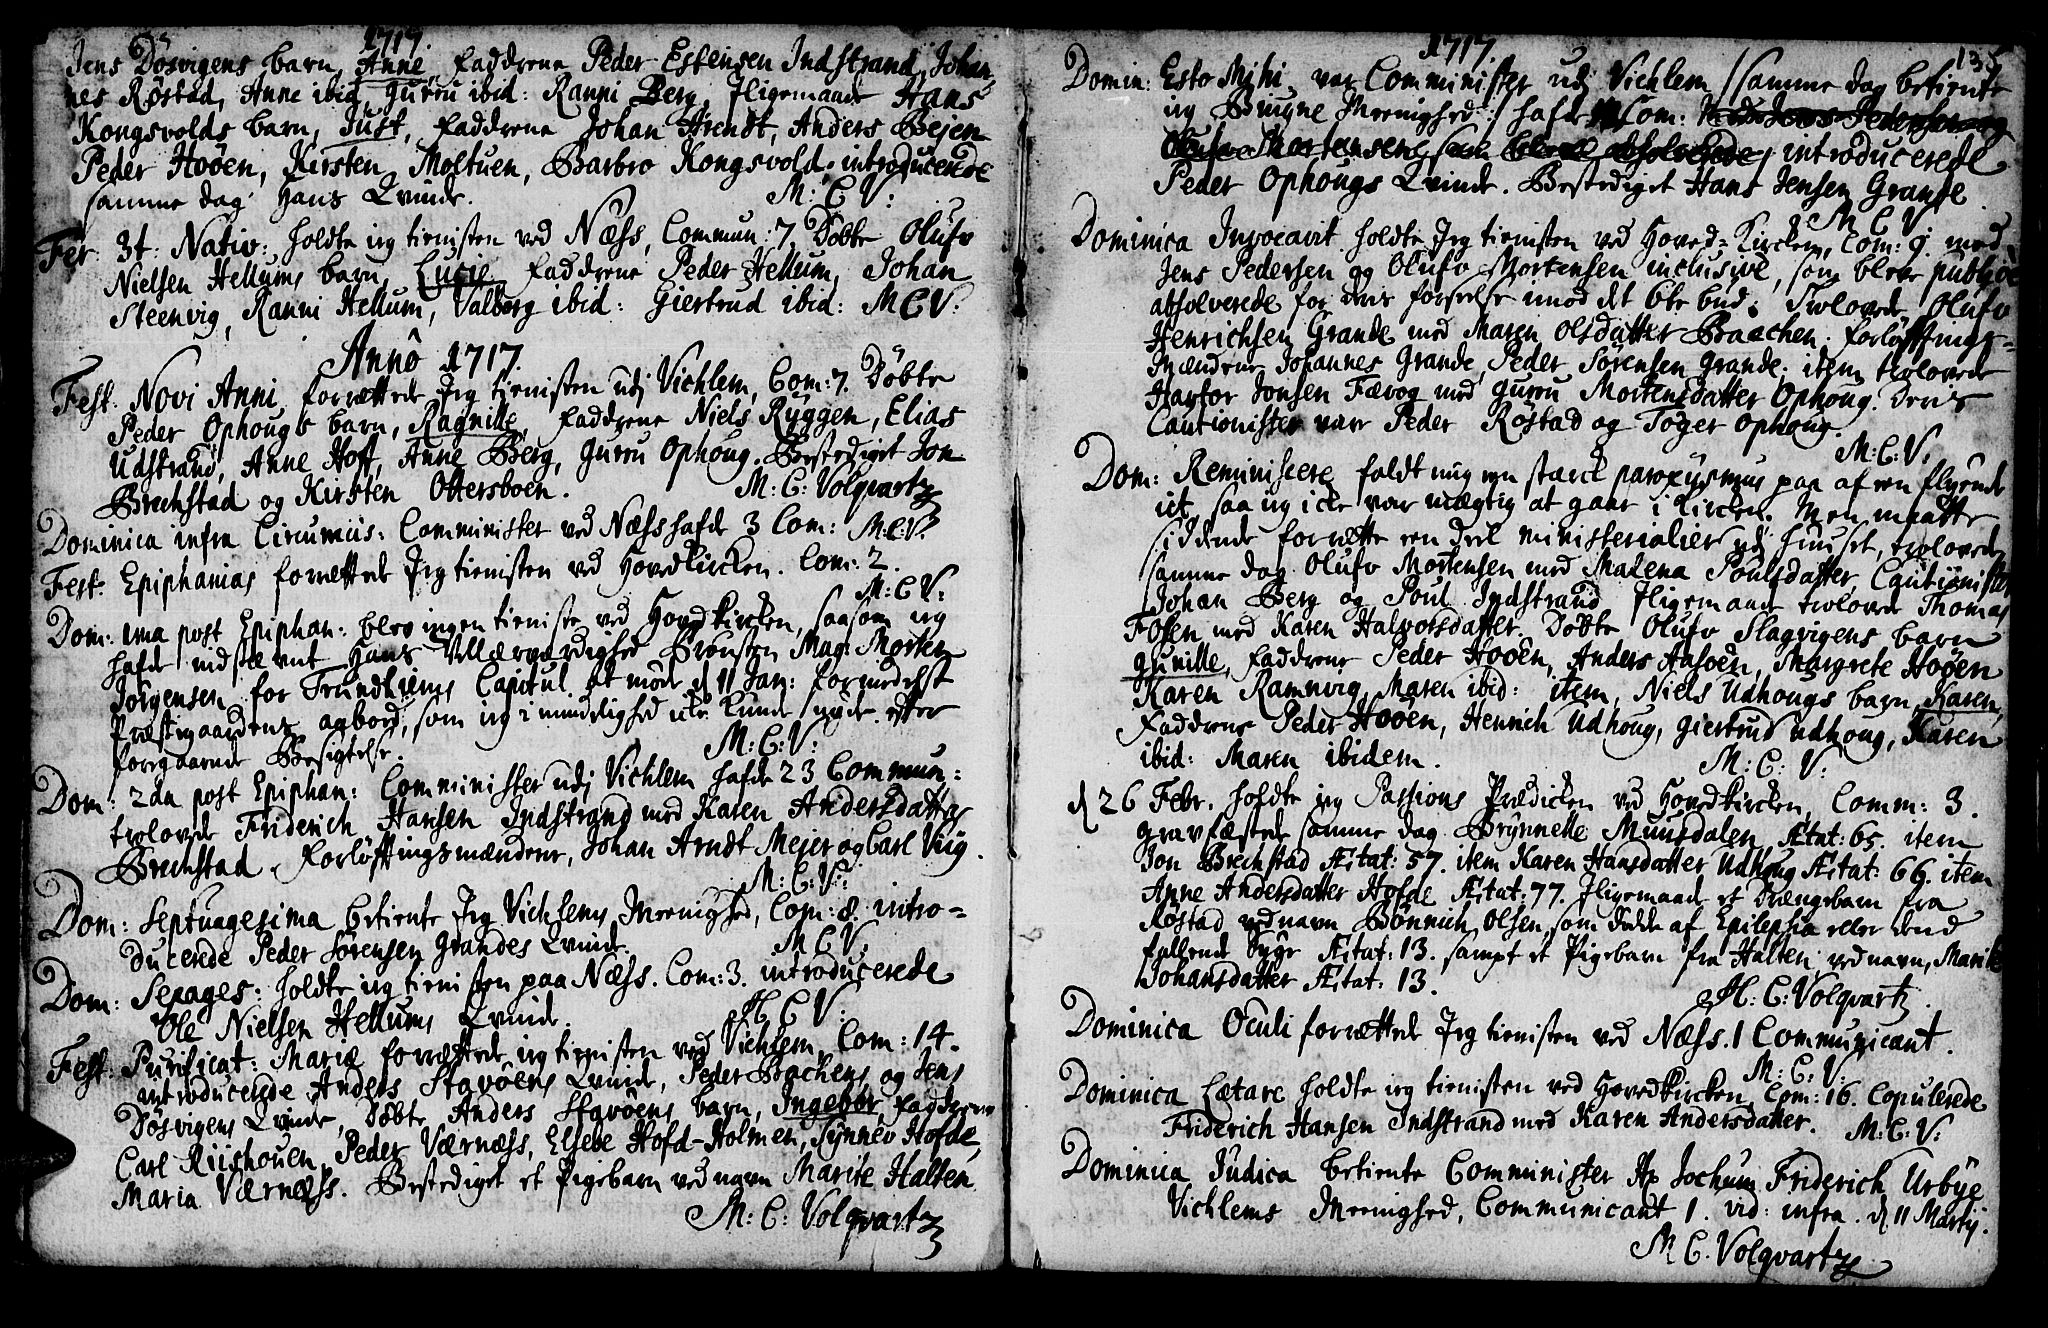 SAT, Ministerialprotokoller, klokkerbøker og fødselsregistre - Sør-Trøndelag, 659/L0731: Ministerialbok nr. 659A01, 1709-1731, s. 134-135